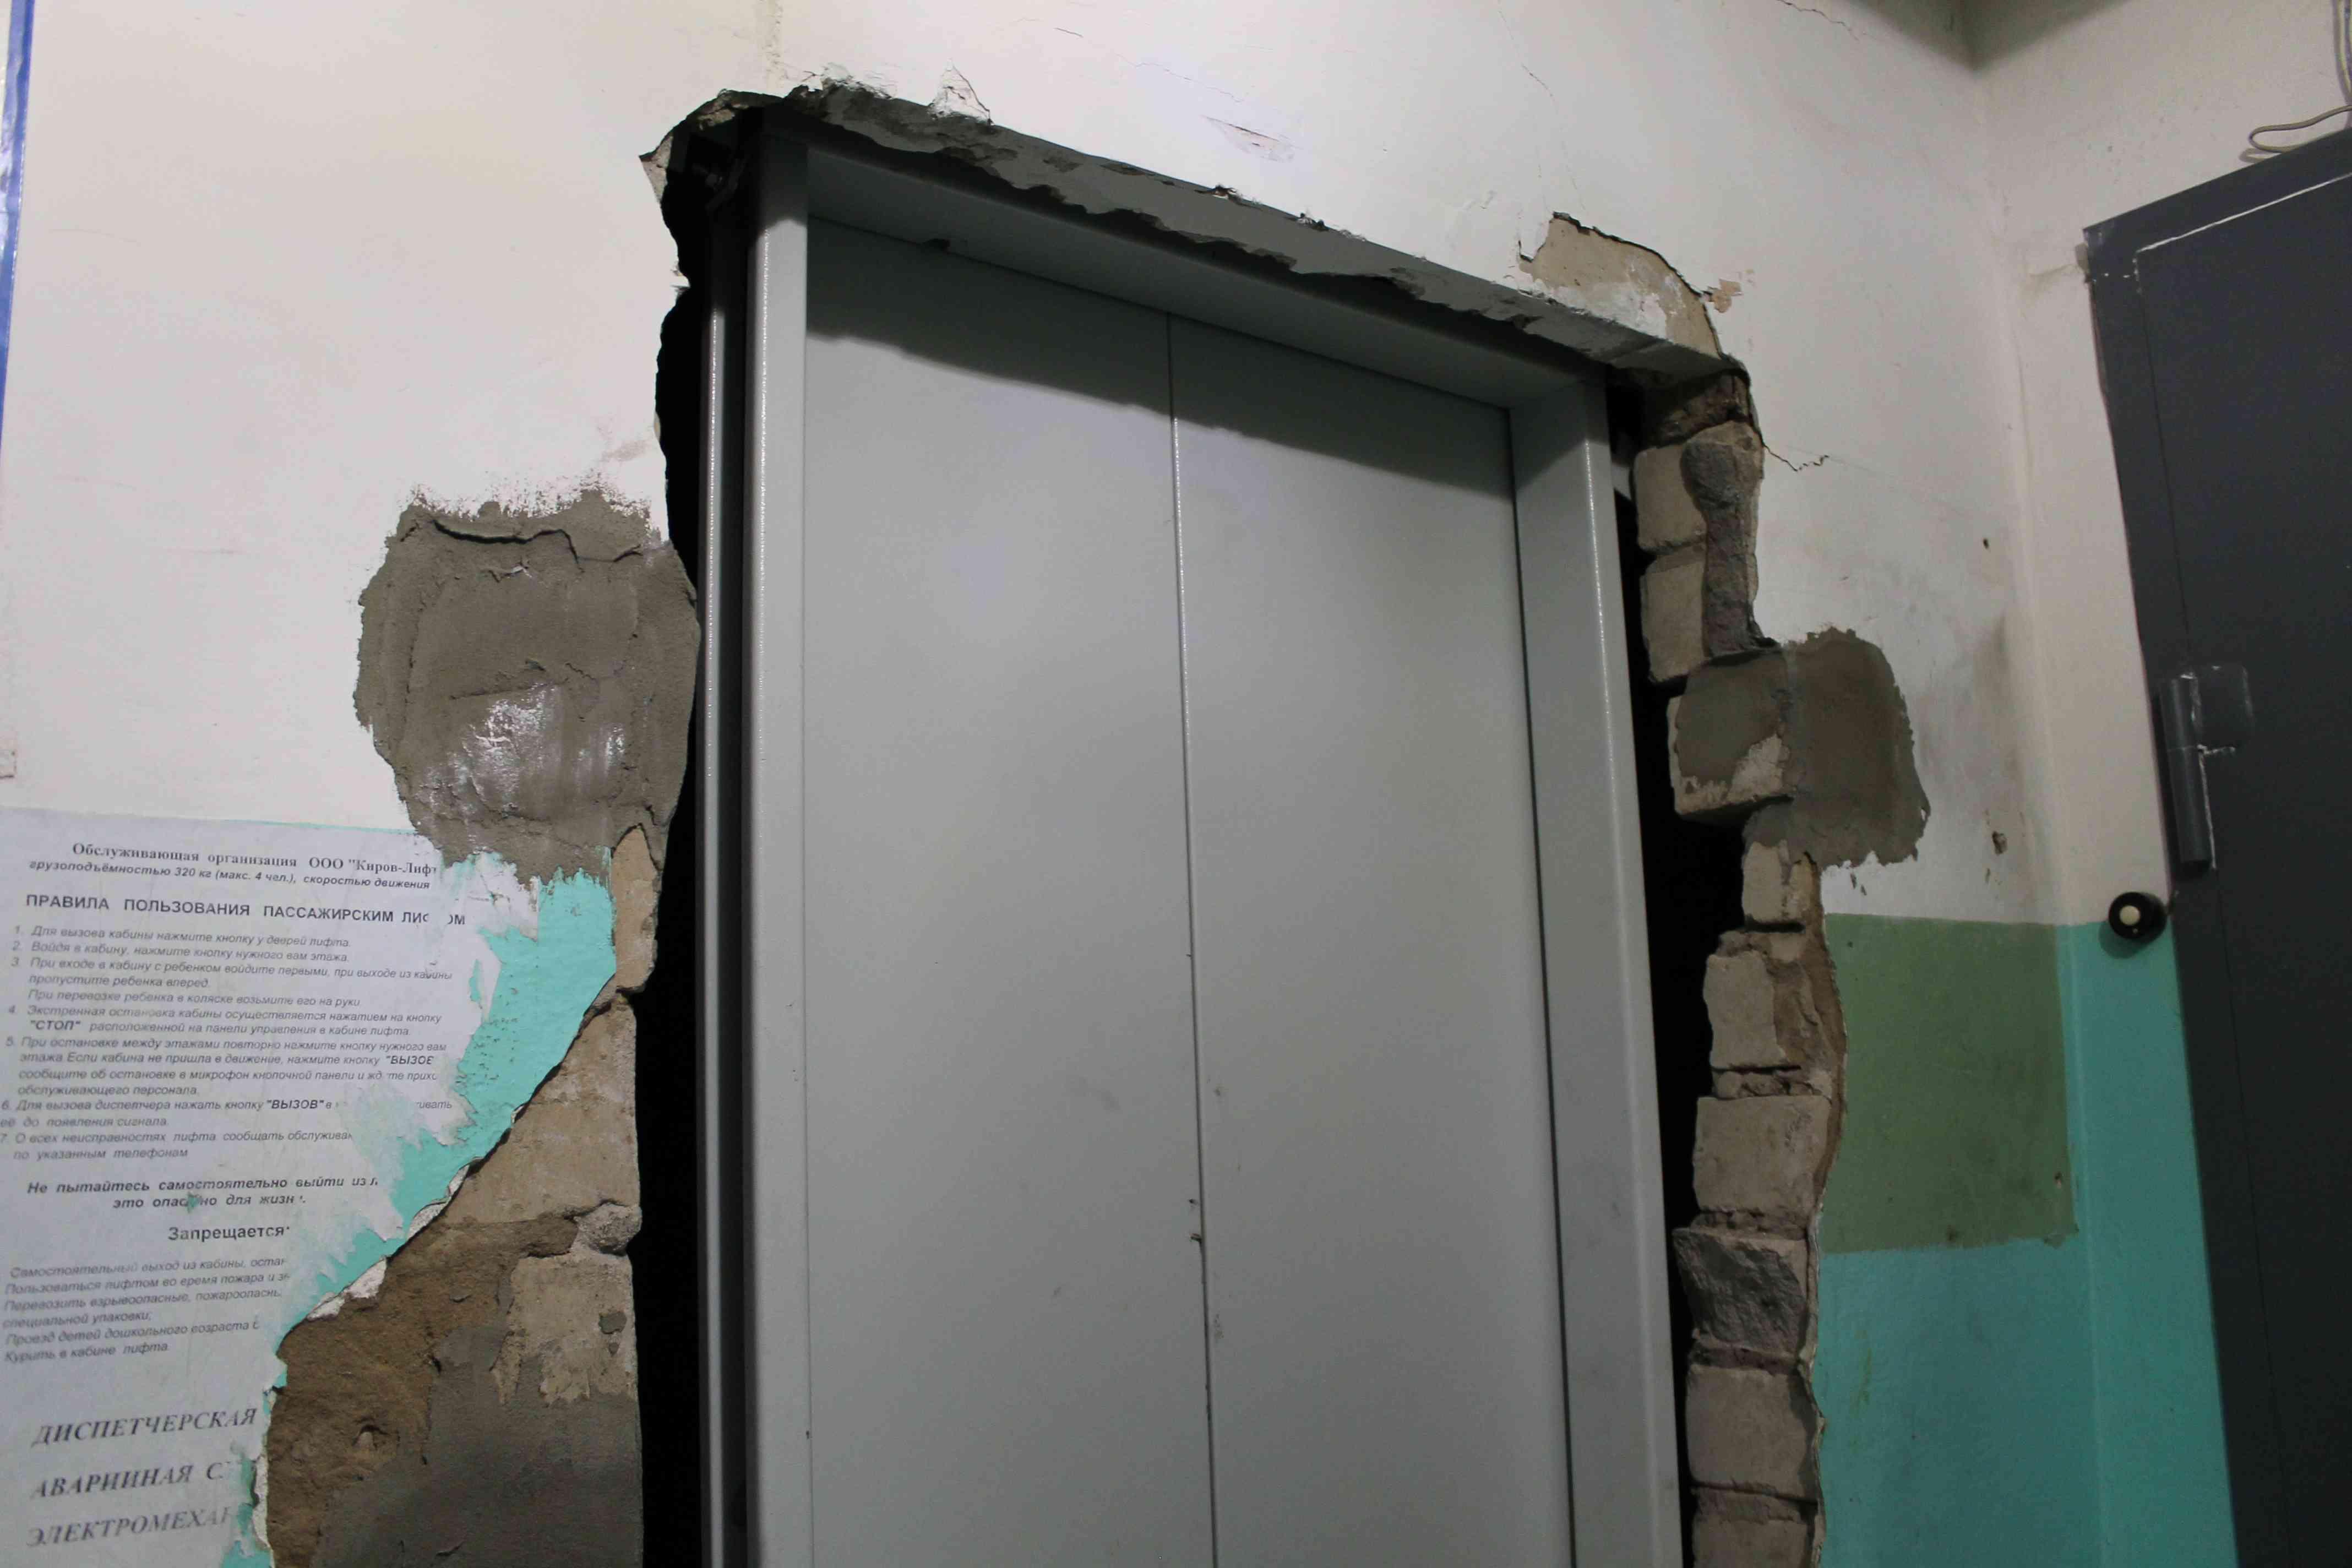 Подрядчик устанавливает лифты в других городах, пока у него горят сроки в Кирове